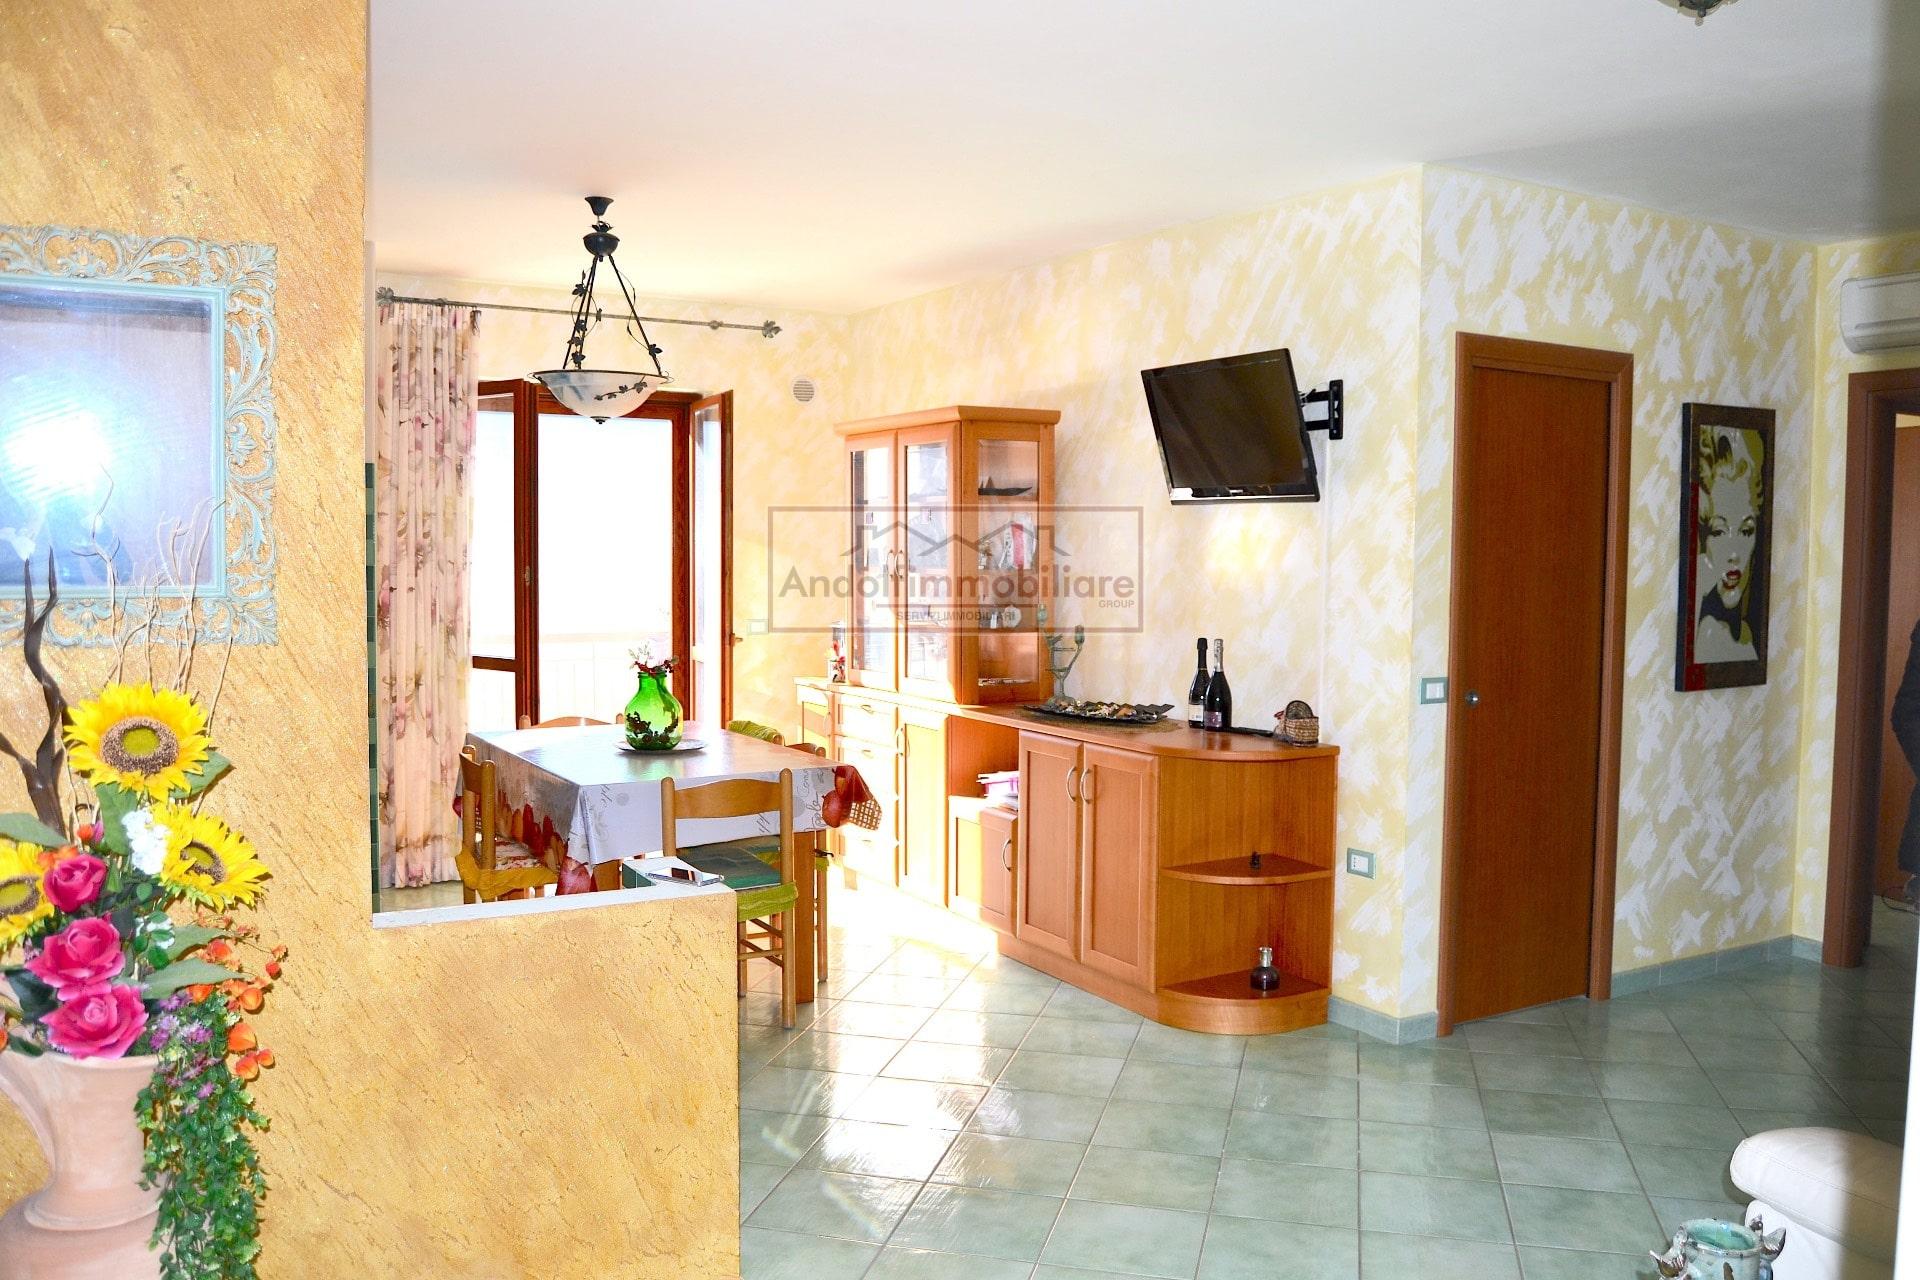 Itri C.da Mustaga. Appartamento di recente costruzione in Vendita a Itri.